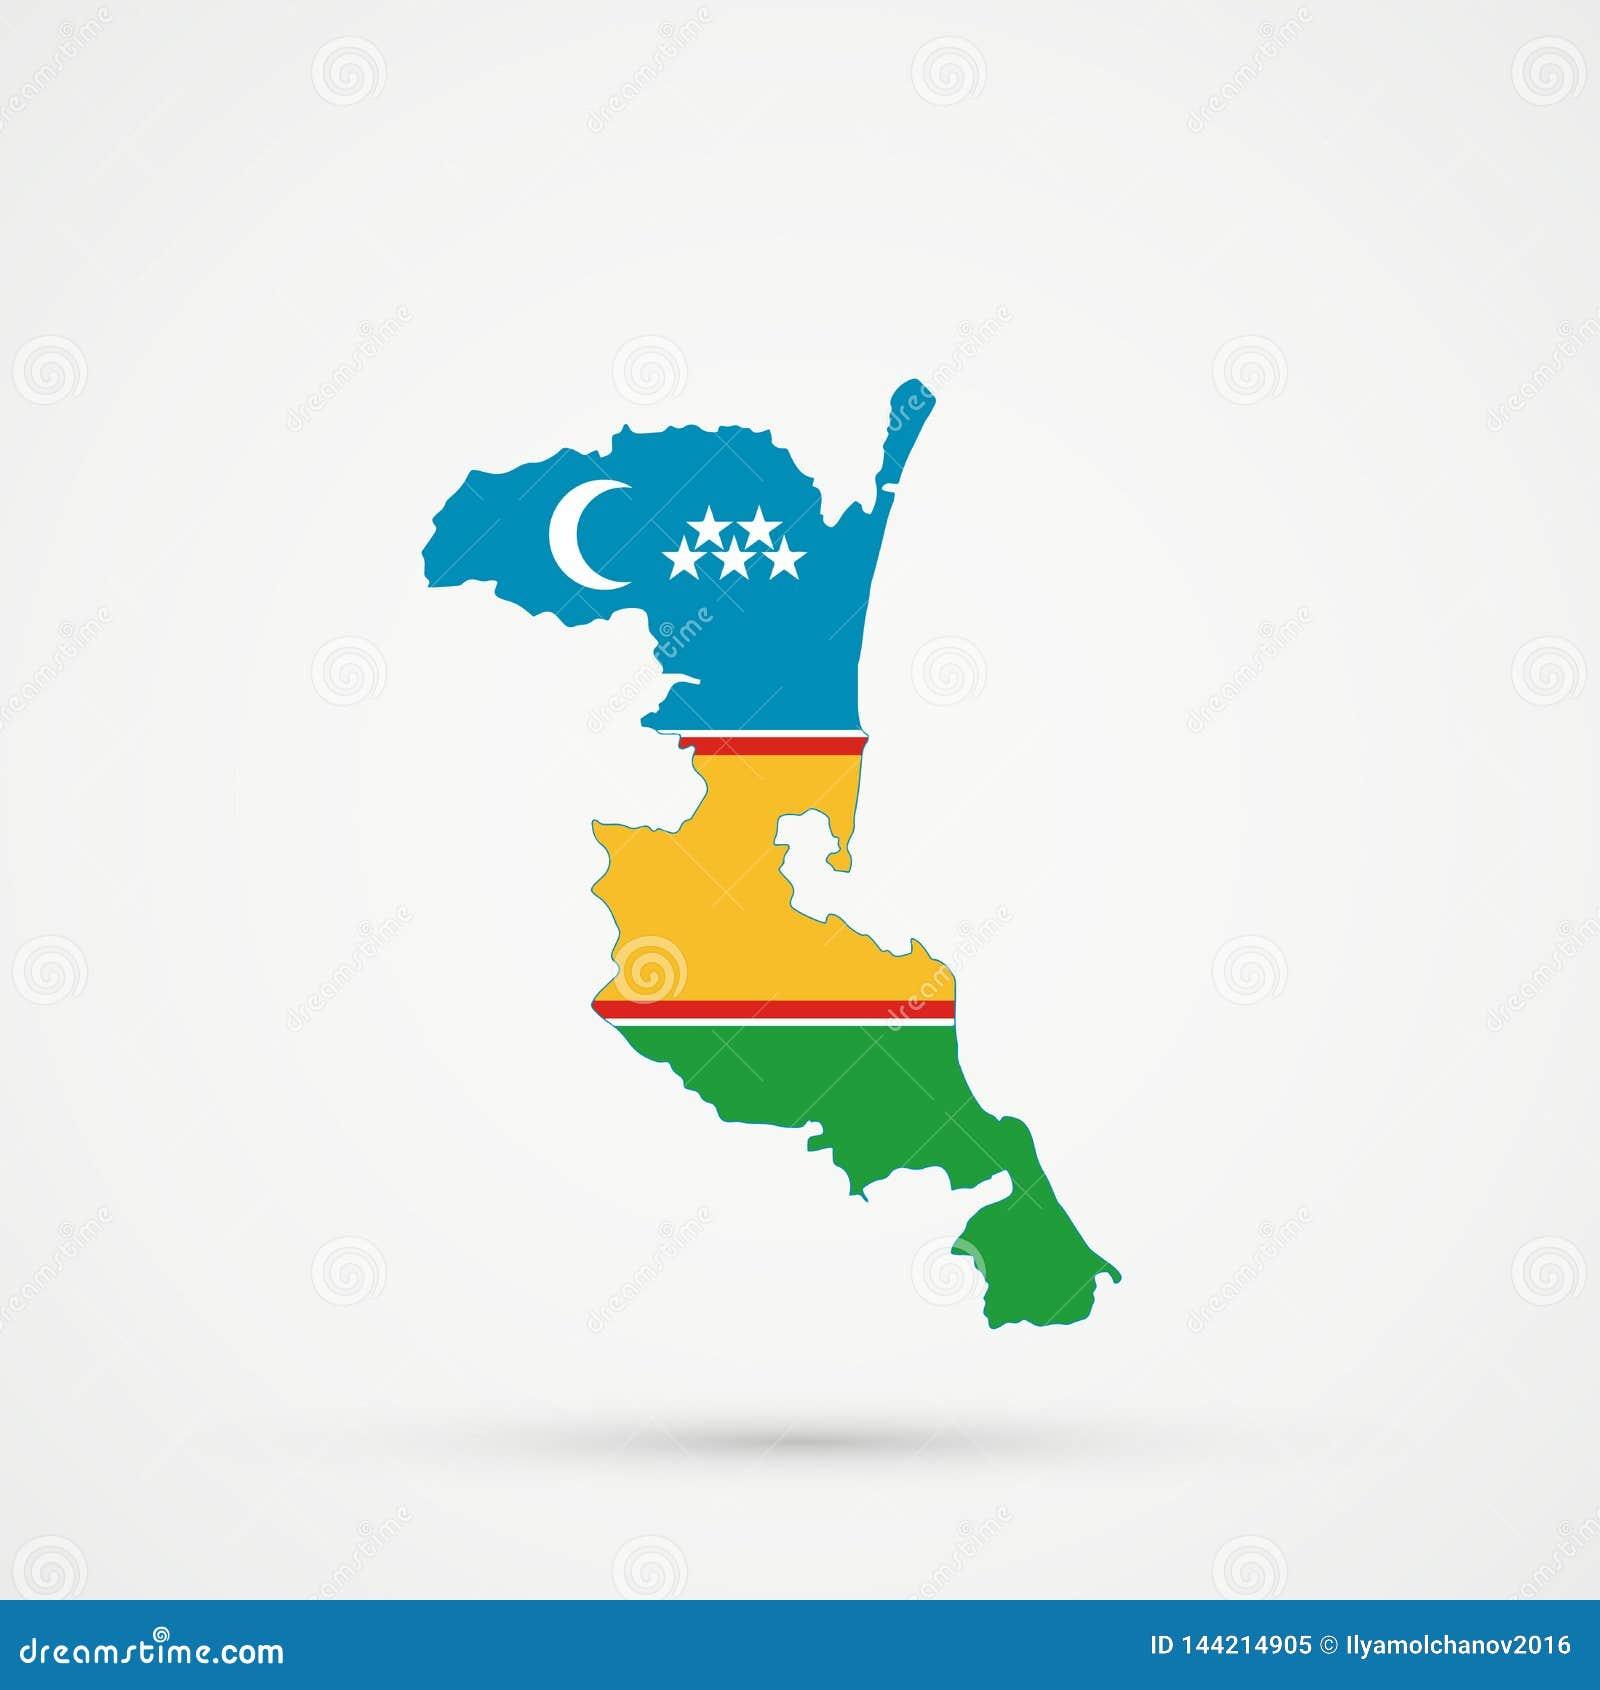 在卡拉卡尔帕克斯坦自治共和国旗子颜色的Kumykia达吉斯坦地图,编辑可能的传染媒介